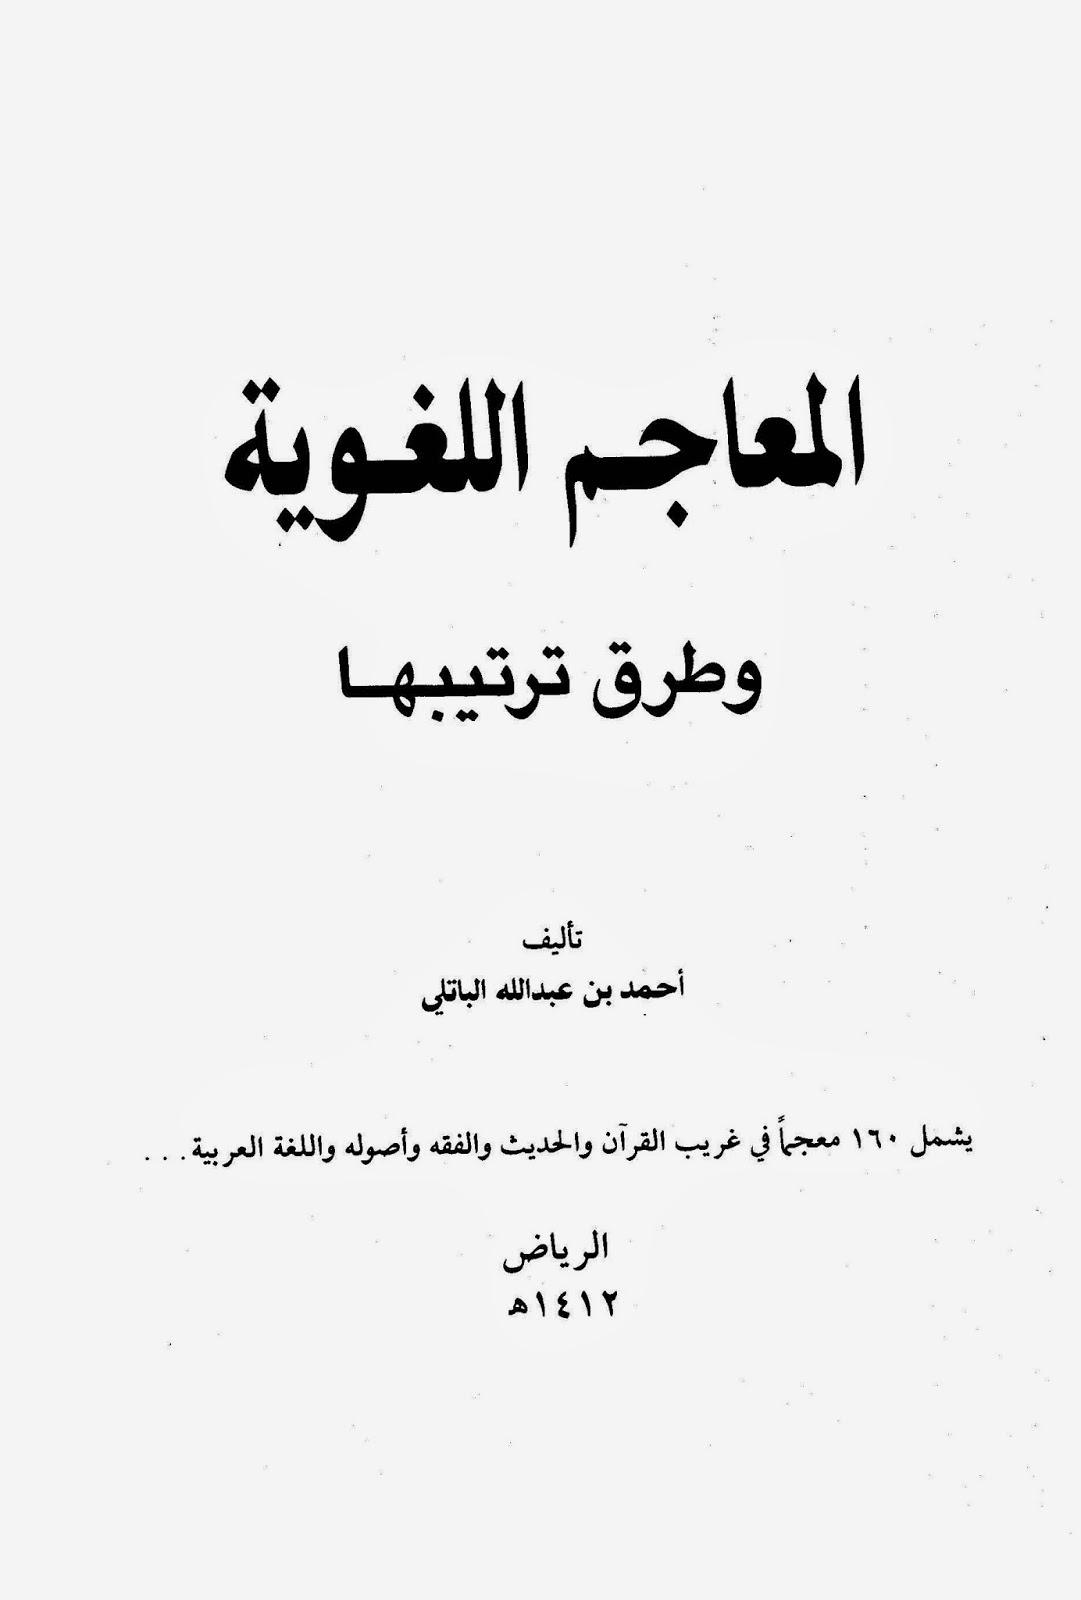 المعاجم اللغوية وطرق ترتيبها - أحمد بن عبد الله الباتلي pdf